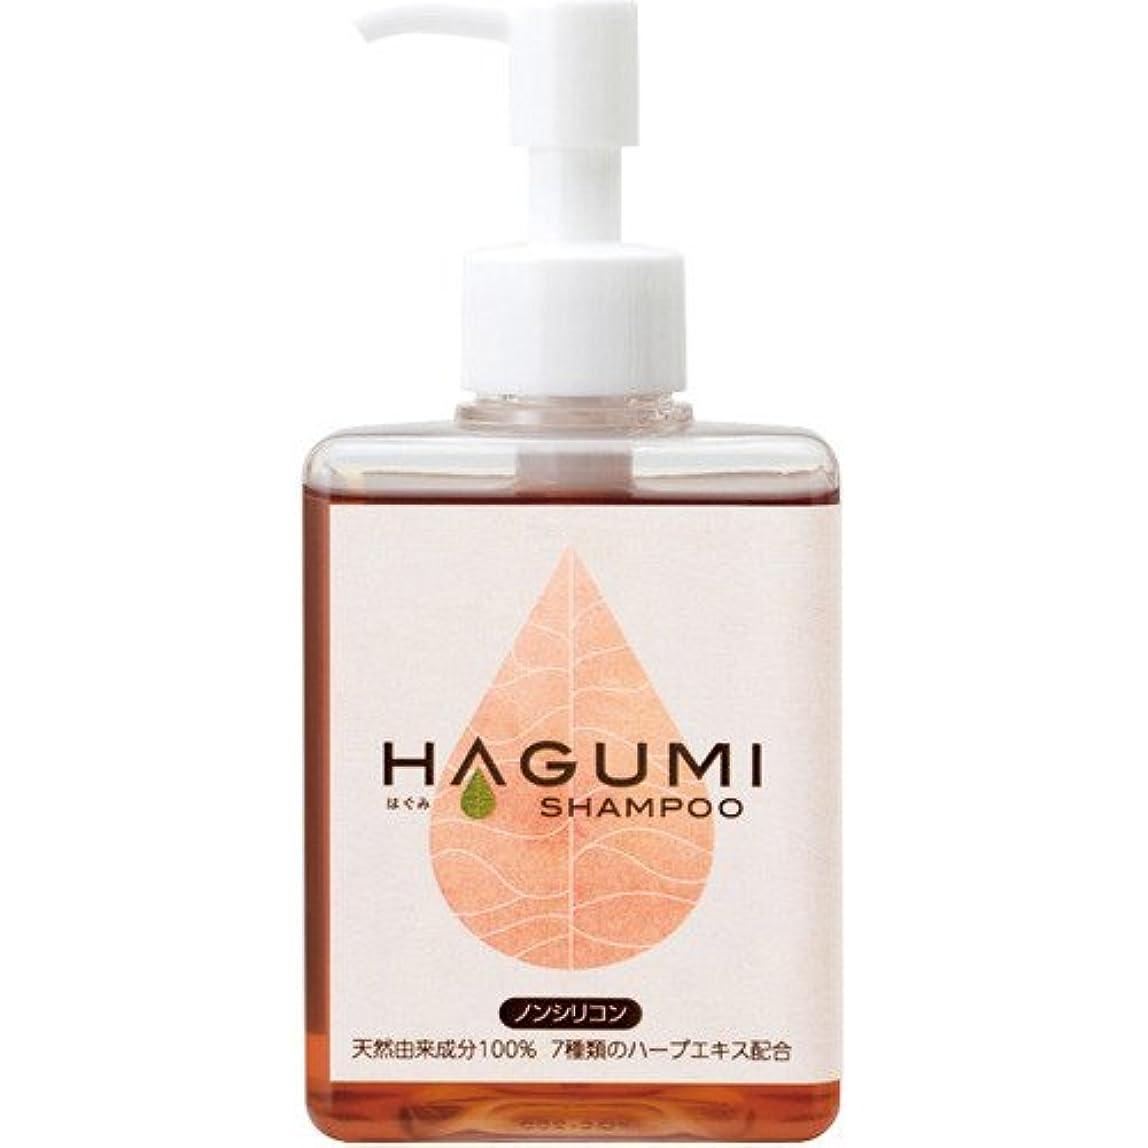 リッチトマト避難するHAGUMI(ハグミ) シャンプー 200ml